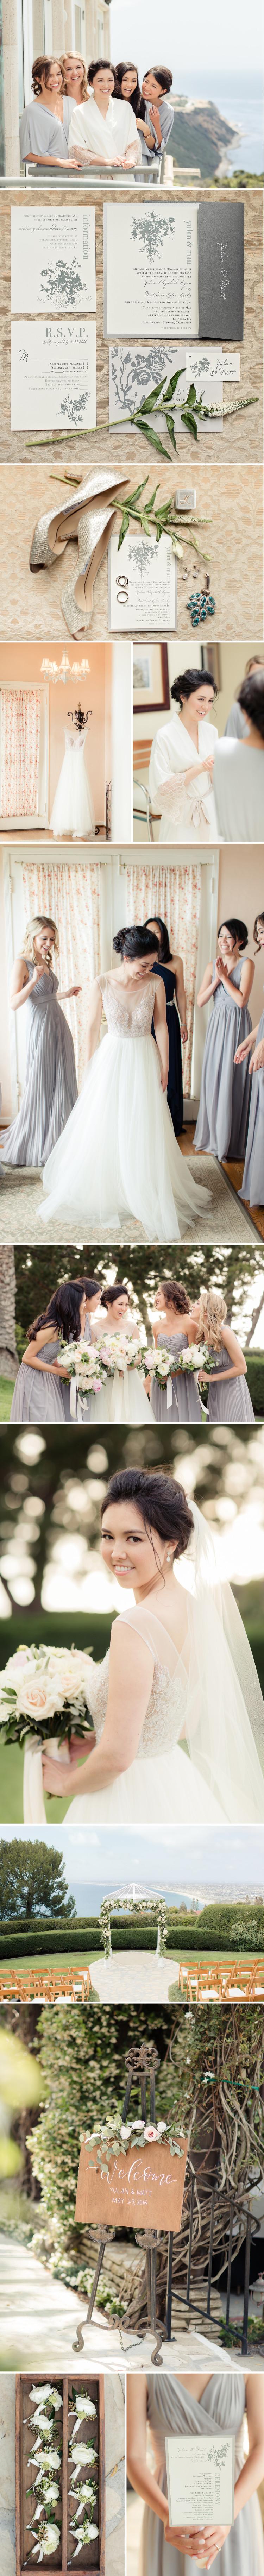 Neutral California Coast Wedding | Beacon Lane Real Wedding